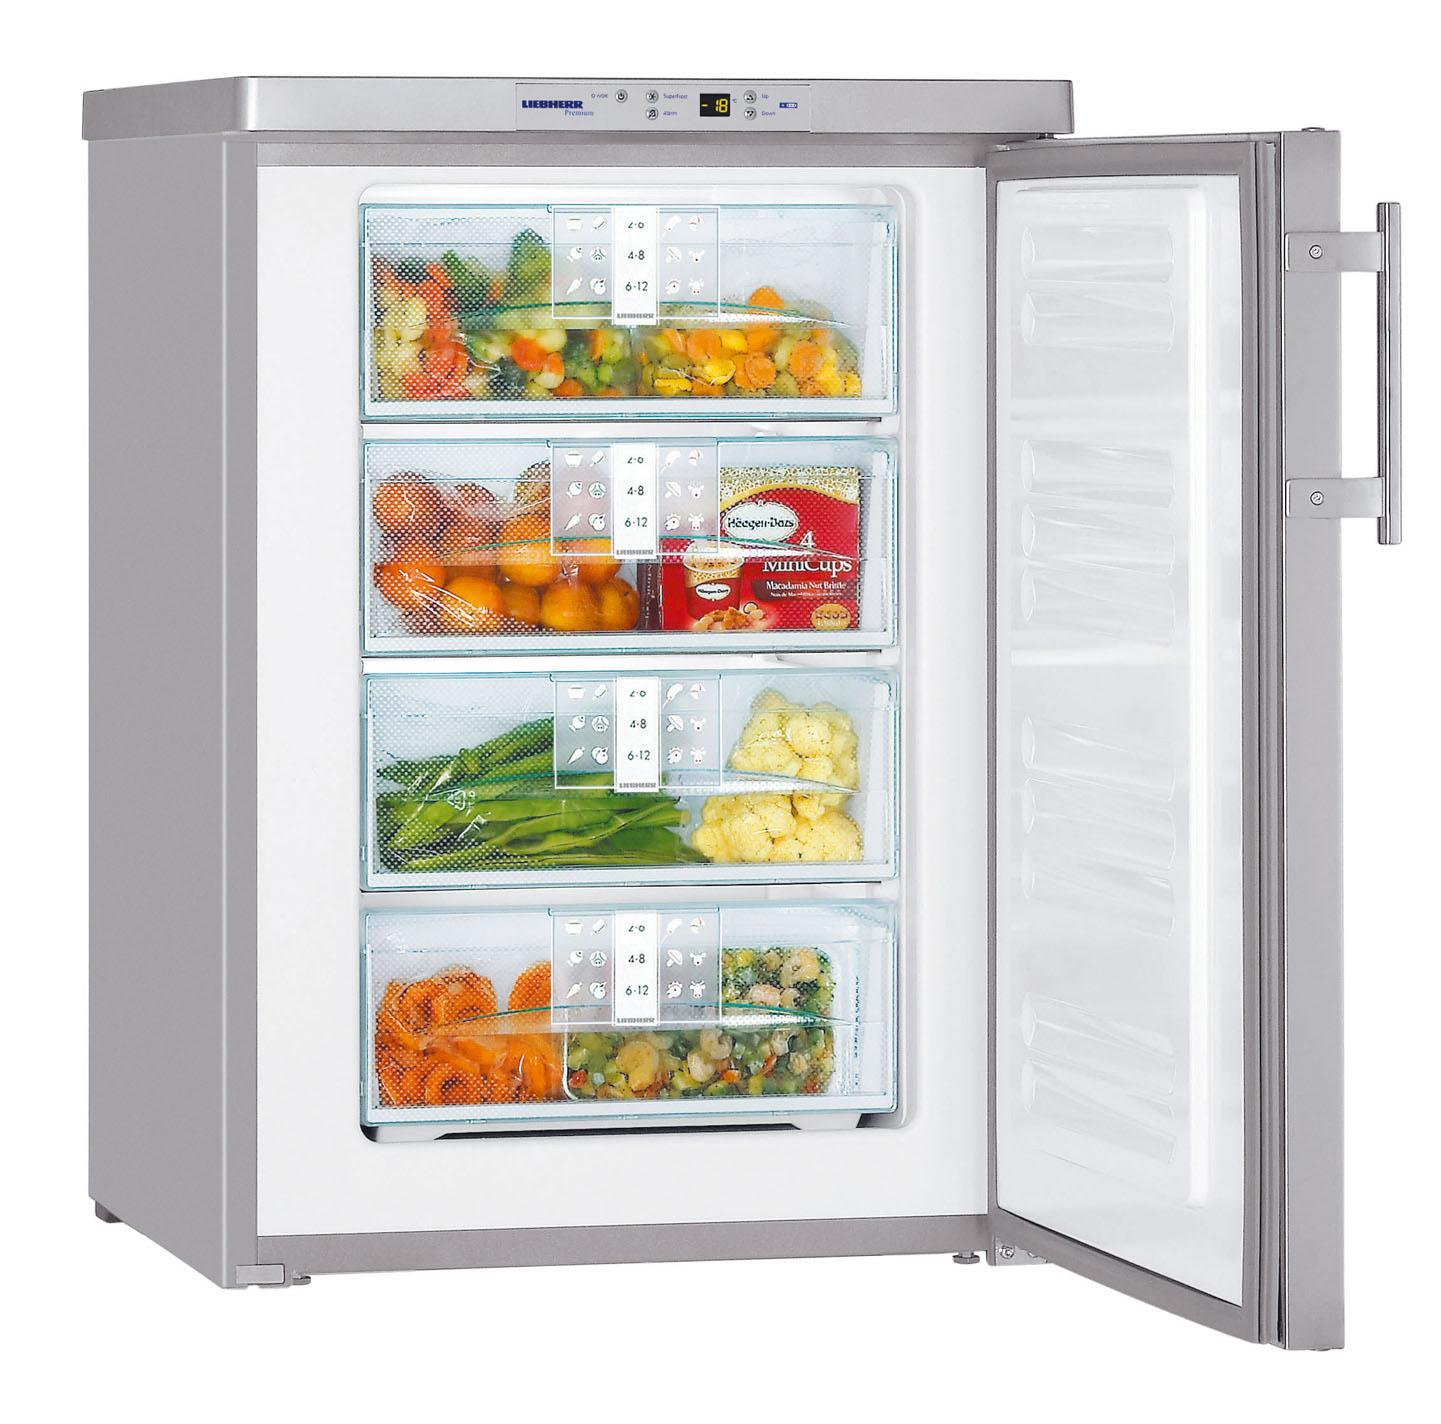 Снизить тепловую морозильные камеры для дома цены ниж обл практиковать кулинарии замораживать